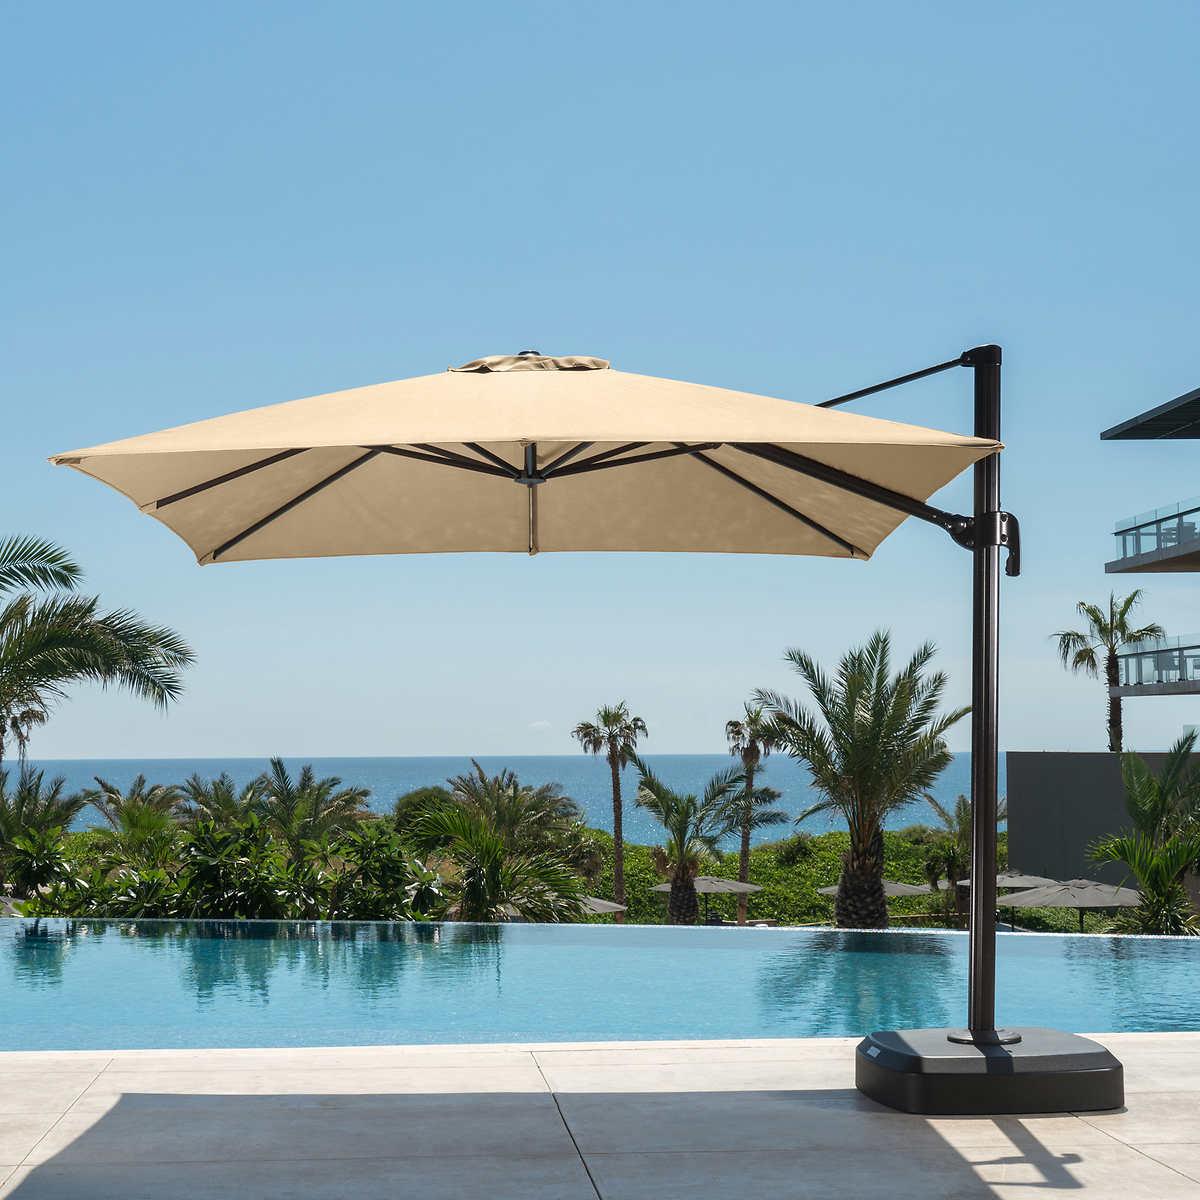 free standing patio umbrellas canada  icamblog - free standing patio umbrellas canada modern